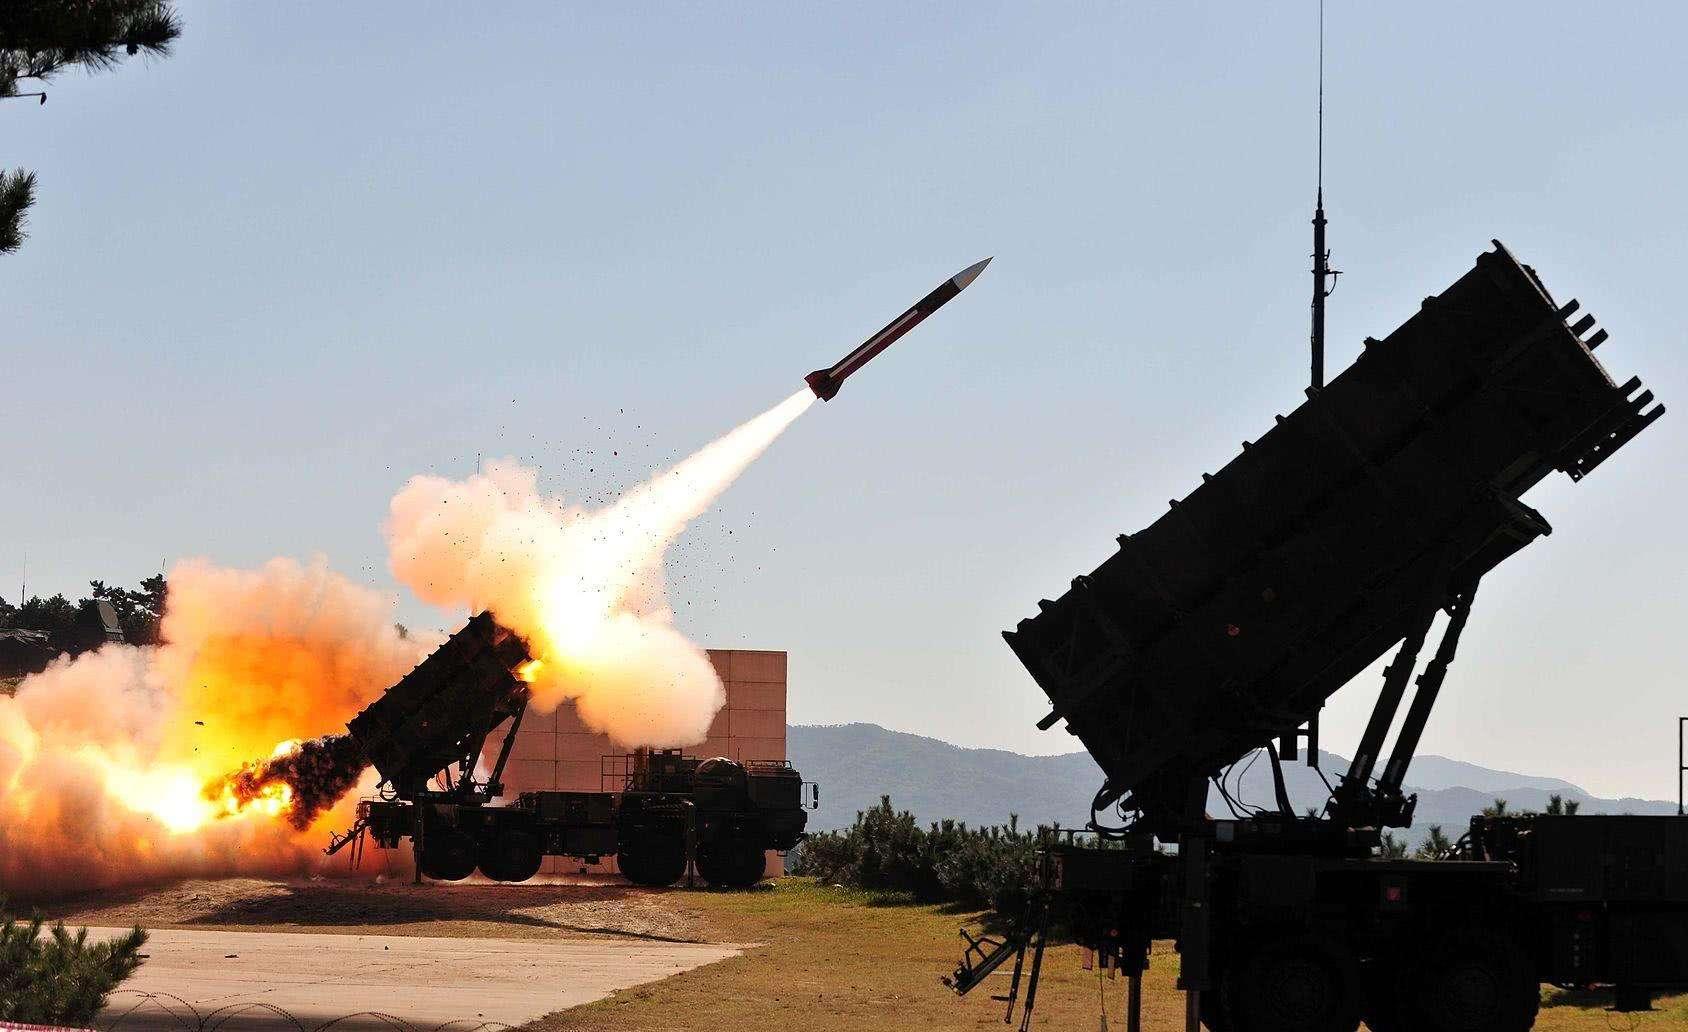 美国故技重施 伊朗导弹已经锁定航母 俄罗斯发出强硬警告